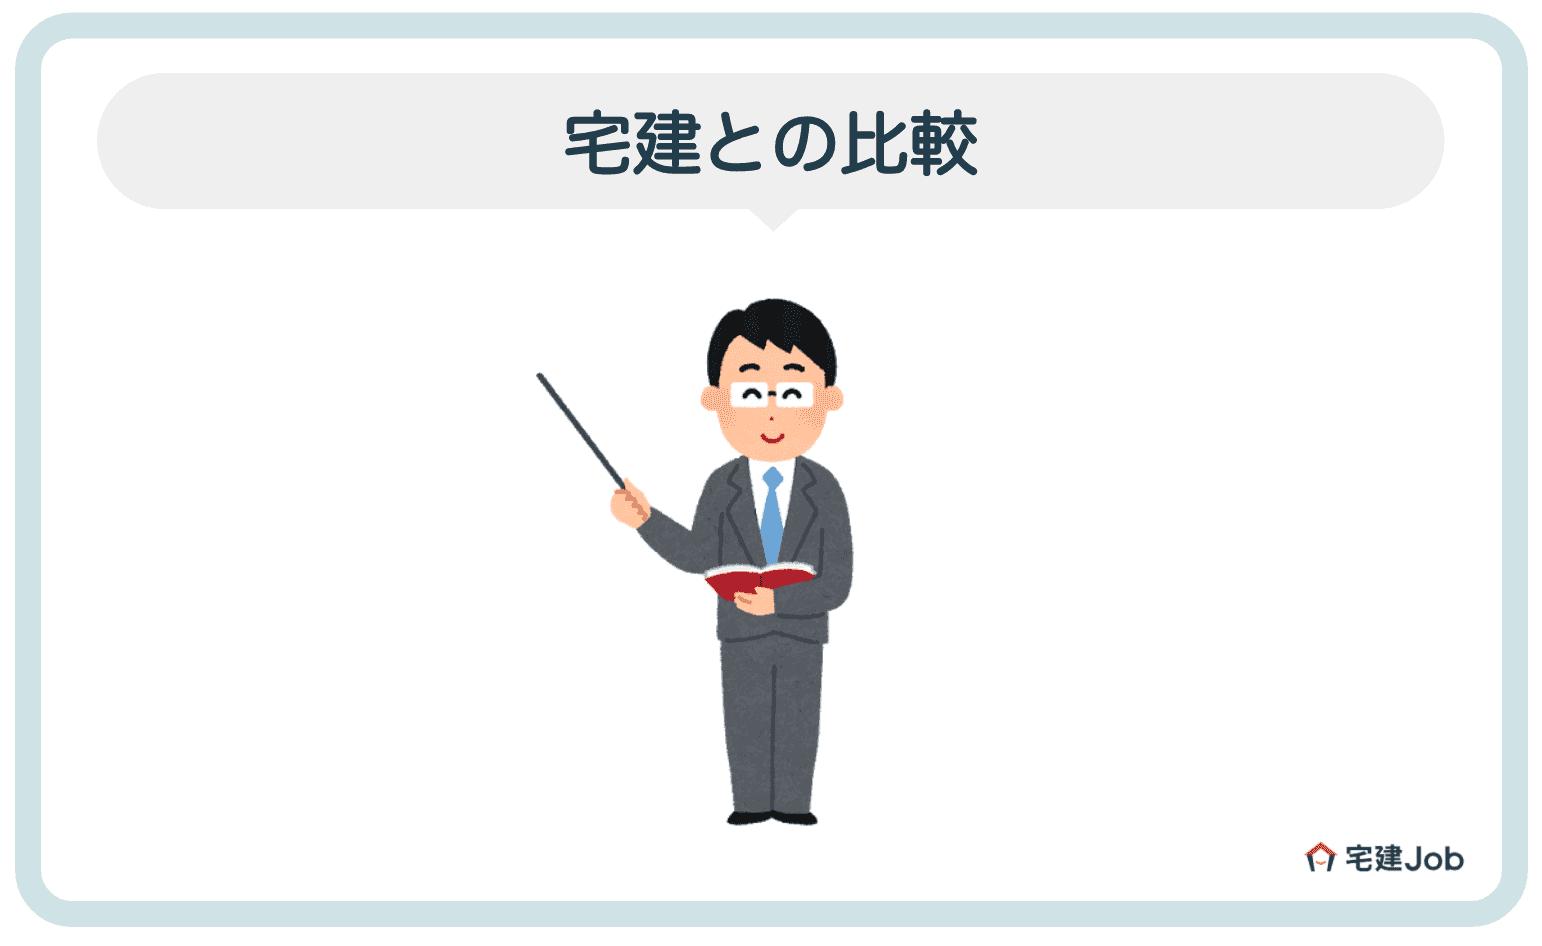 2.管理業務主任者合格に必要な勉強時間【宅建との比較】